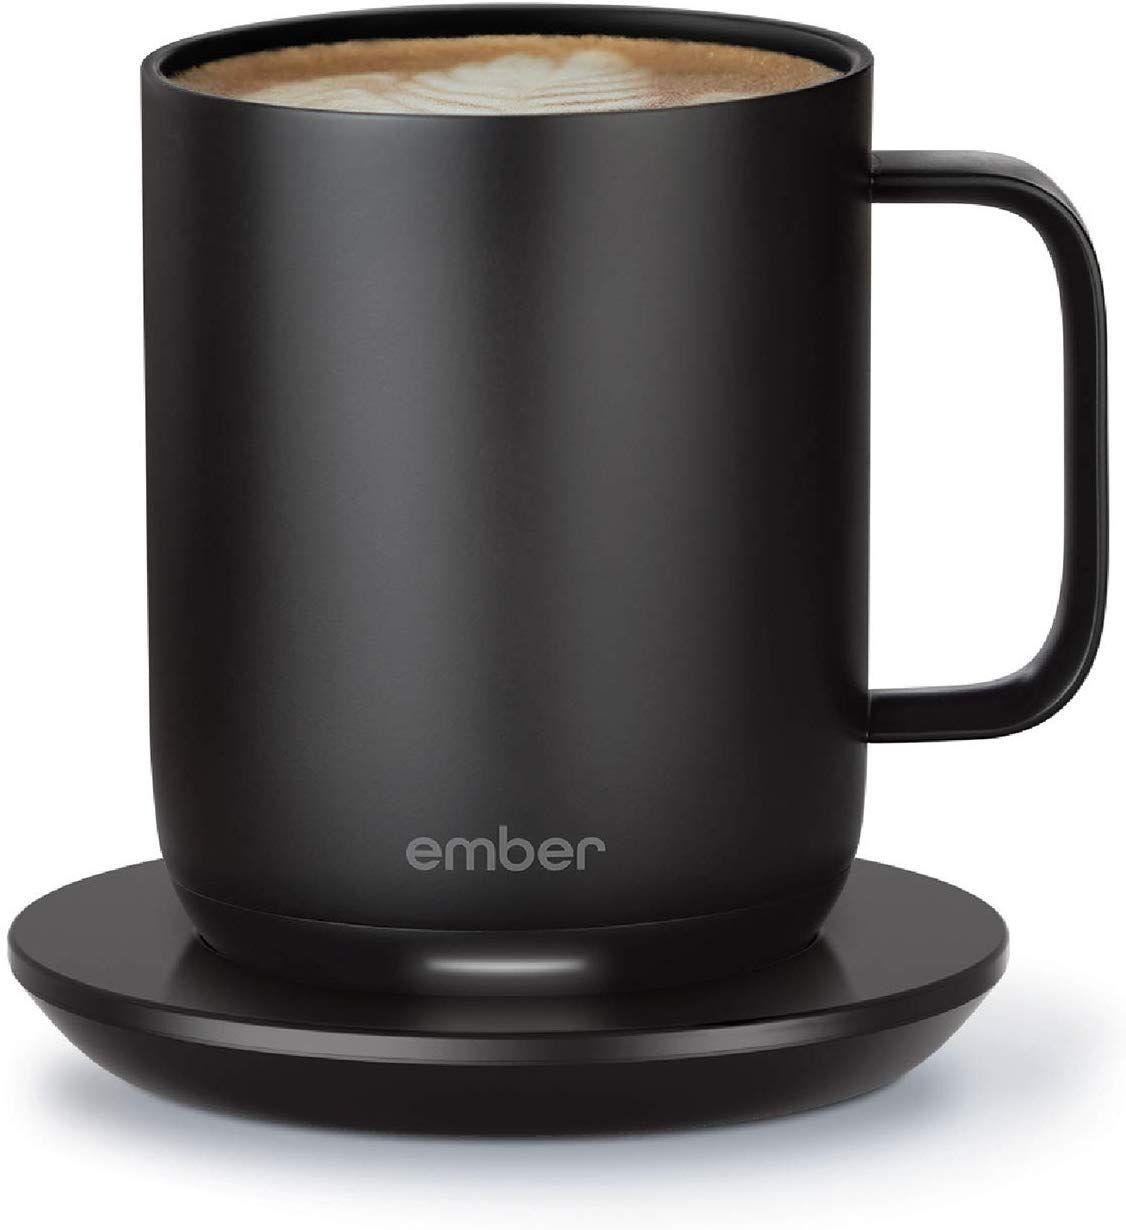 Ember Mug 2 In 2020 Mugs Coffee Mugs Temperature Control